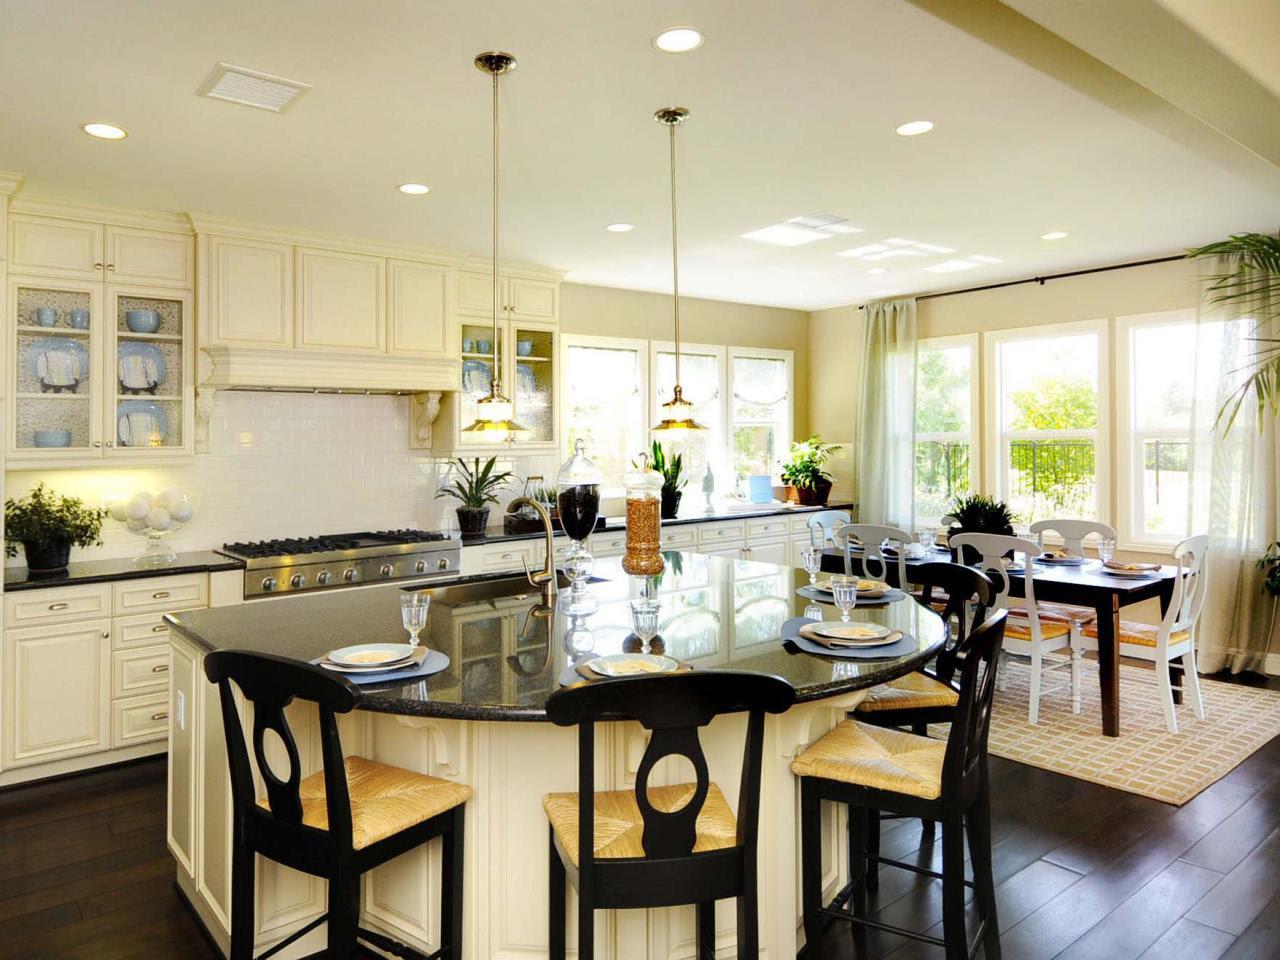 Kitchen Island Breakfast Bar: Pictures